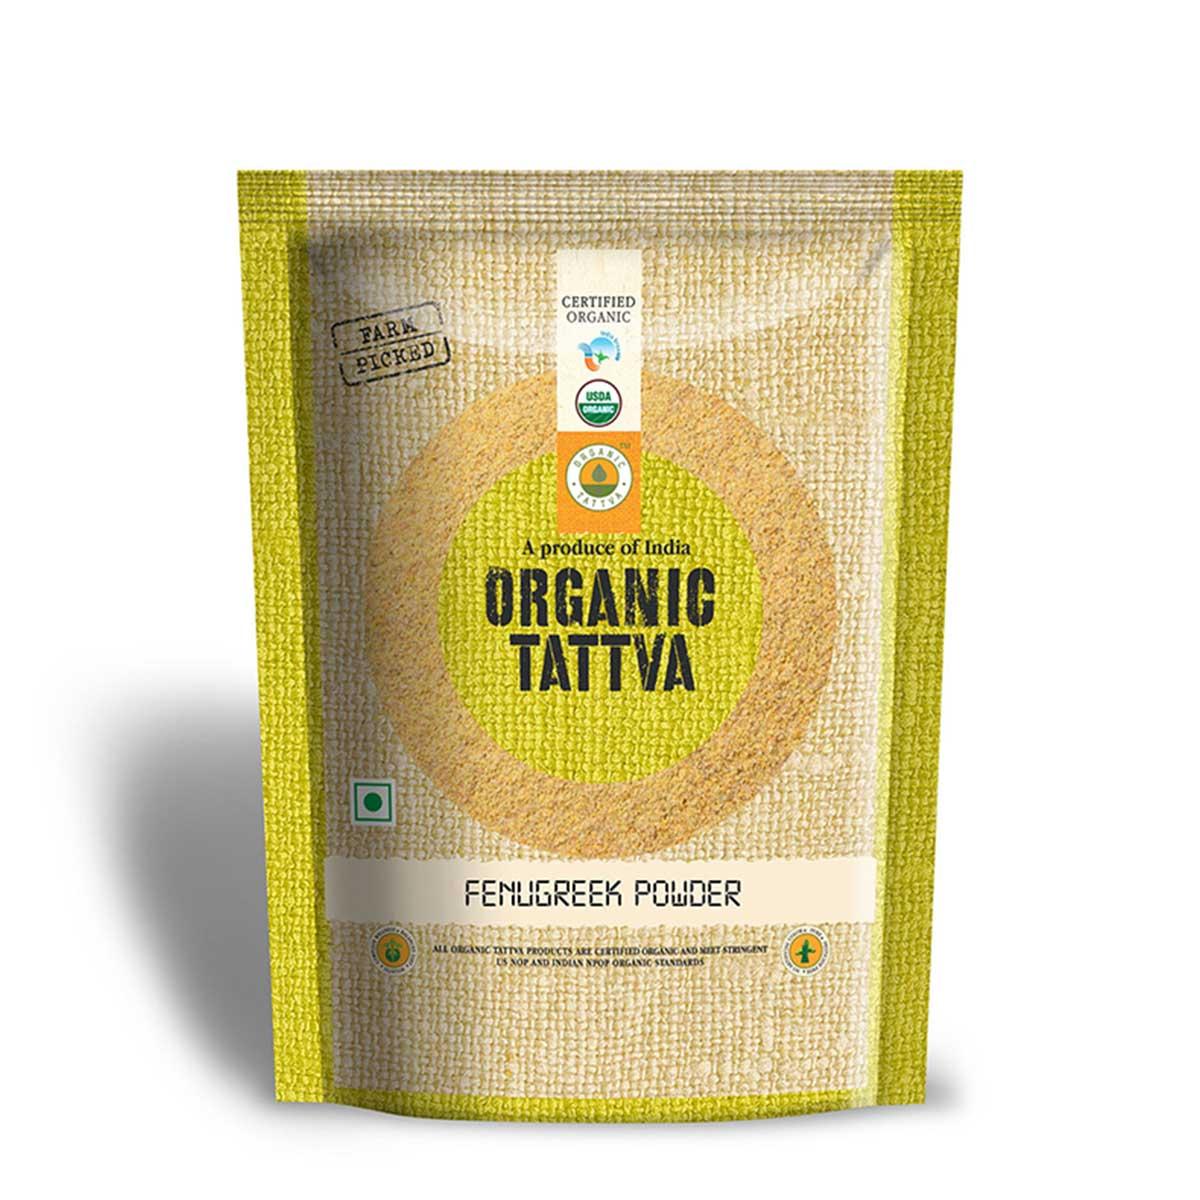 Organic Methi Powder - Buy Organic Fenugreek Powder at Best Price In